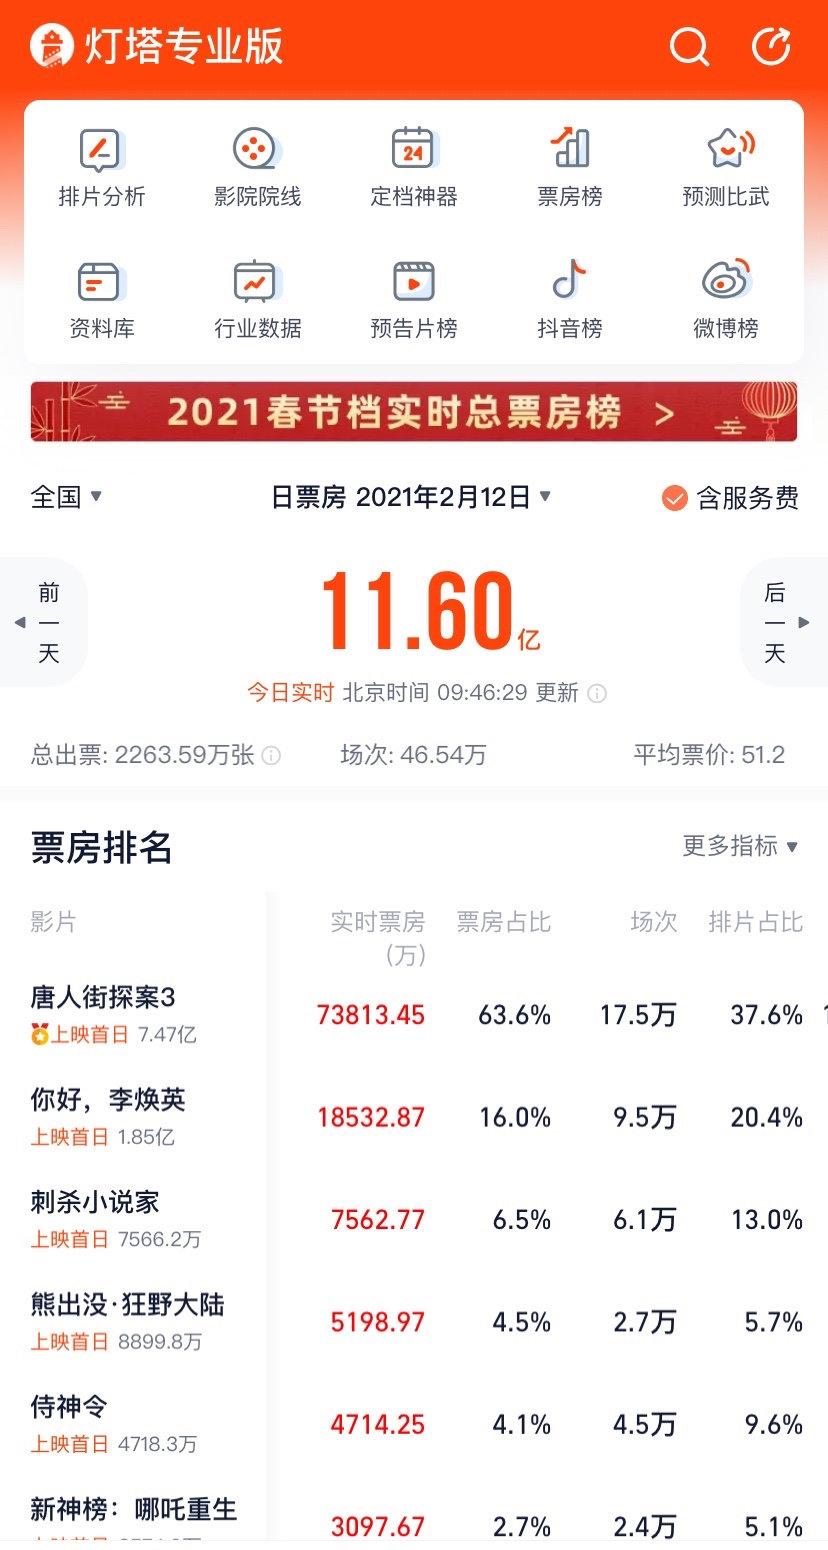 春节档首日票房轻松破10亿,免费电影票速速来抢